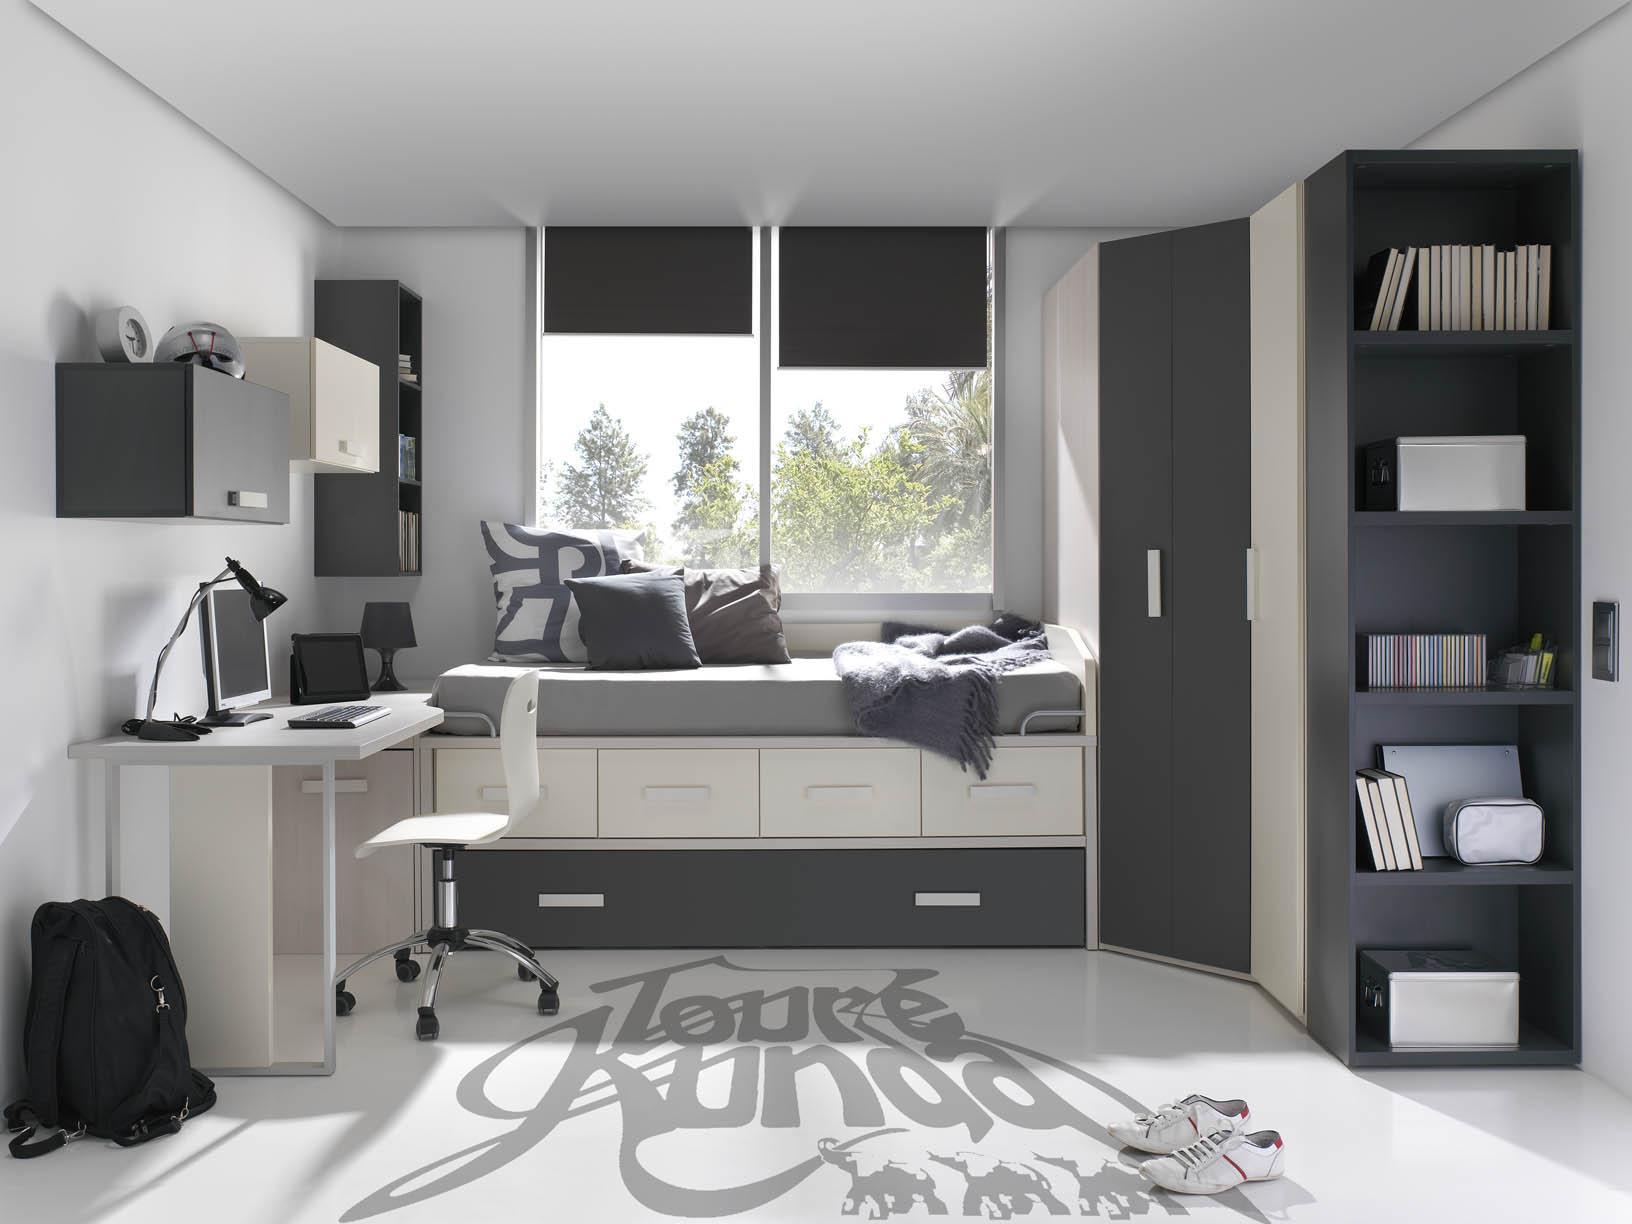 Muebles modulares para el dormitorio juvenil muebles - Habitaciones modulares juveniles ...